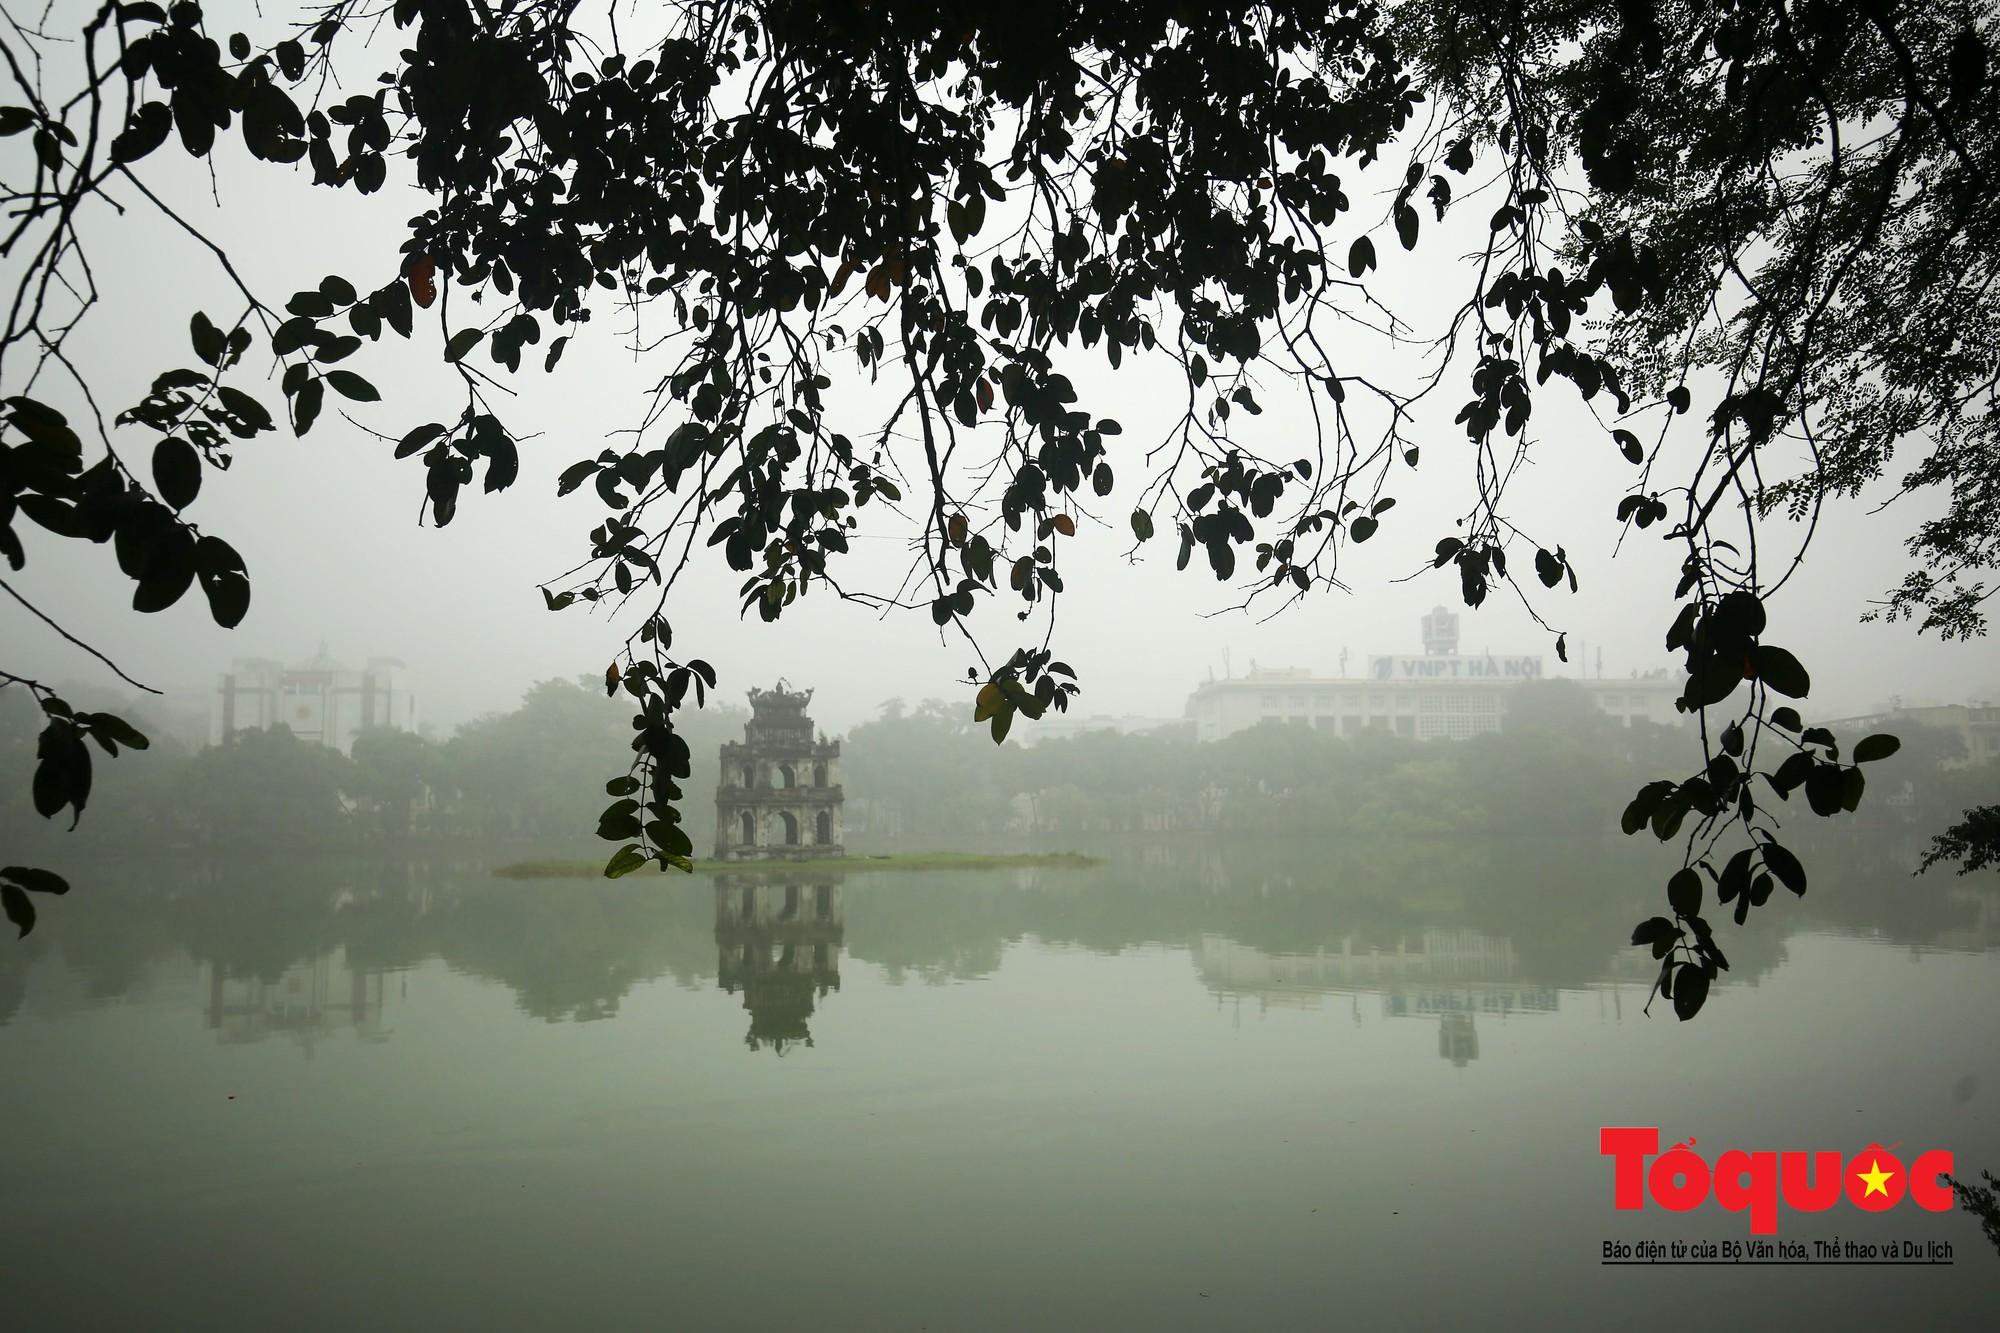 Cao ốc Hà Nội chơi ú tìm trong lớp sương mù dày đặc15